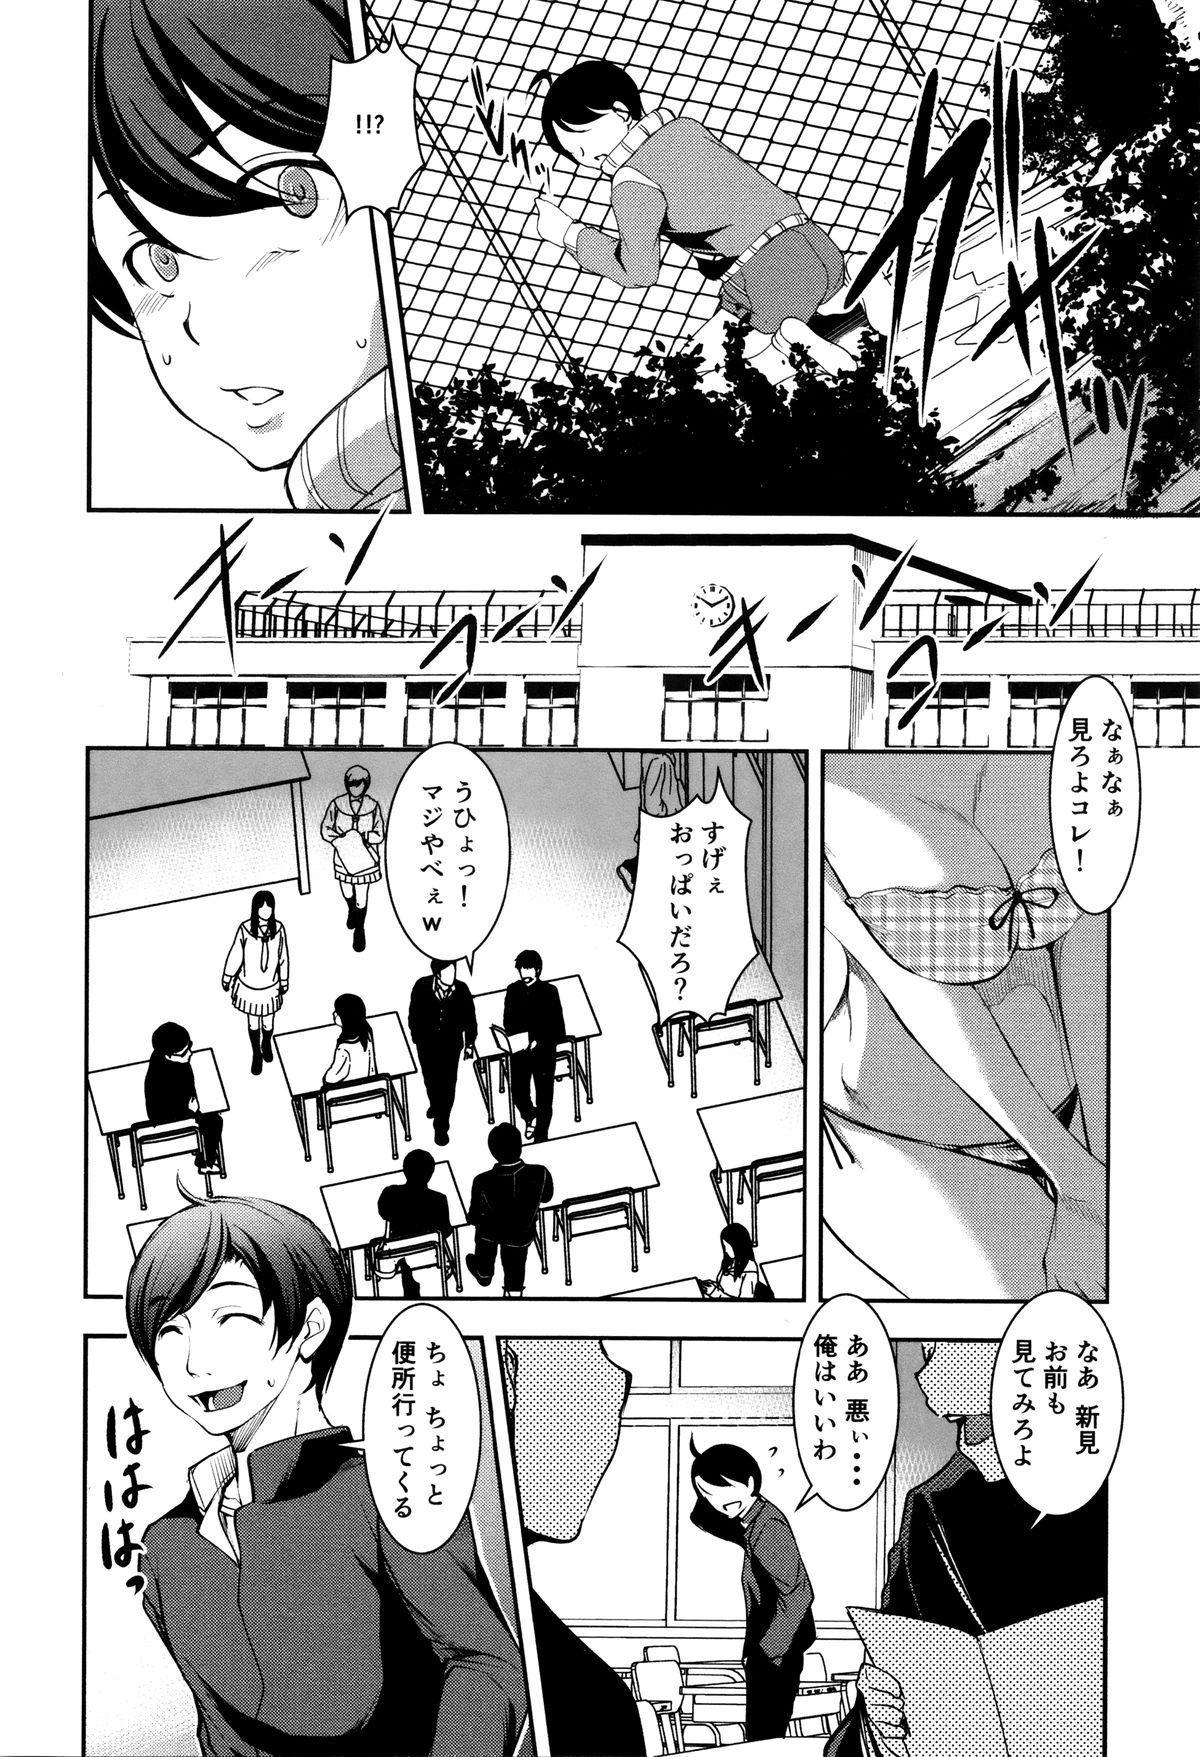 Shikyuu Yuugi 10